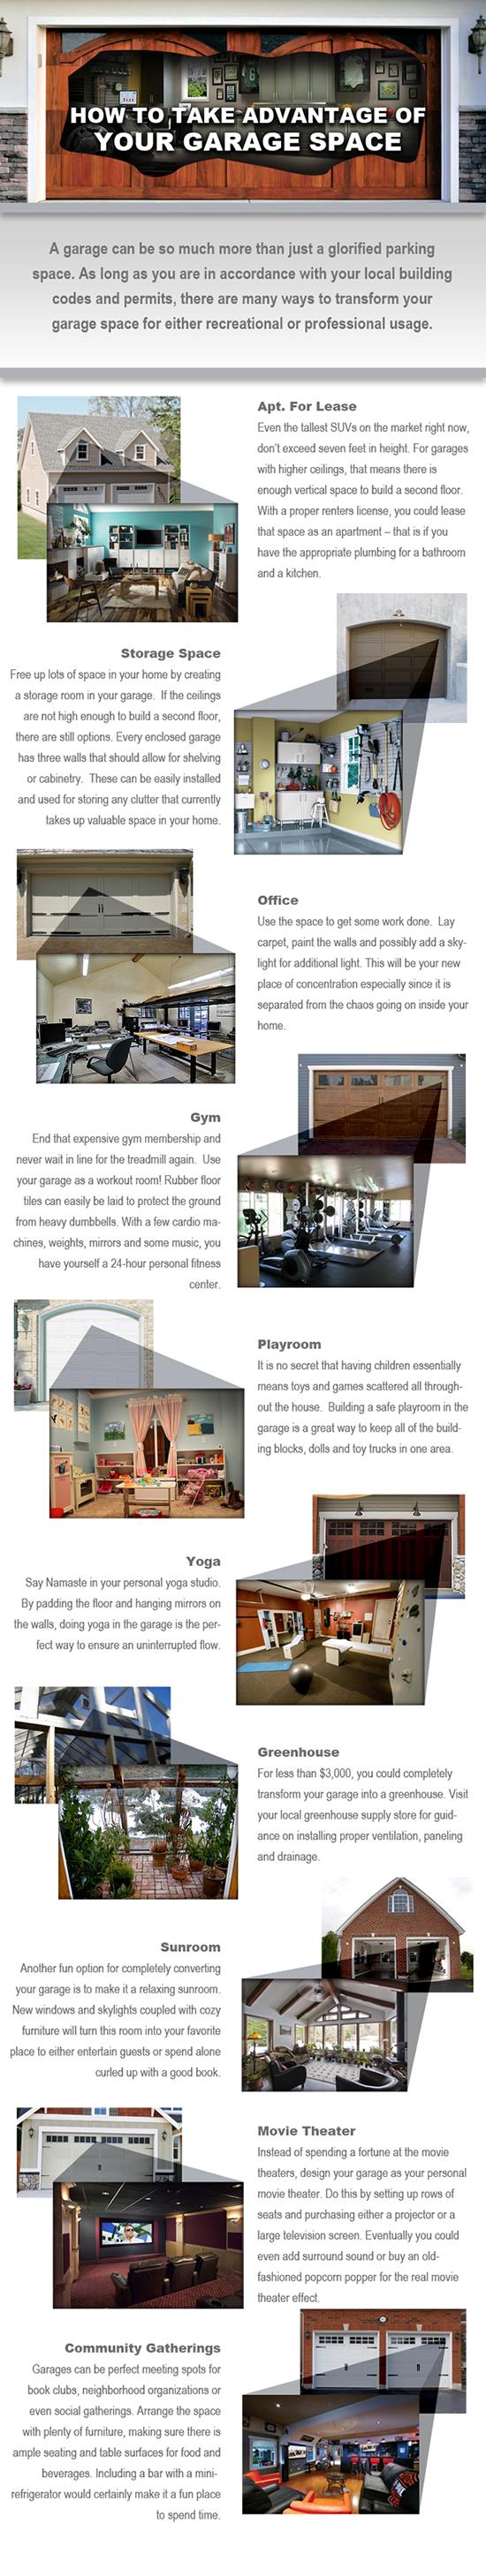 Garage door space alternatives - Infographic